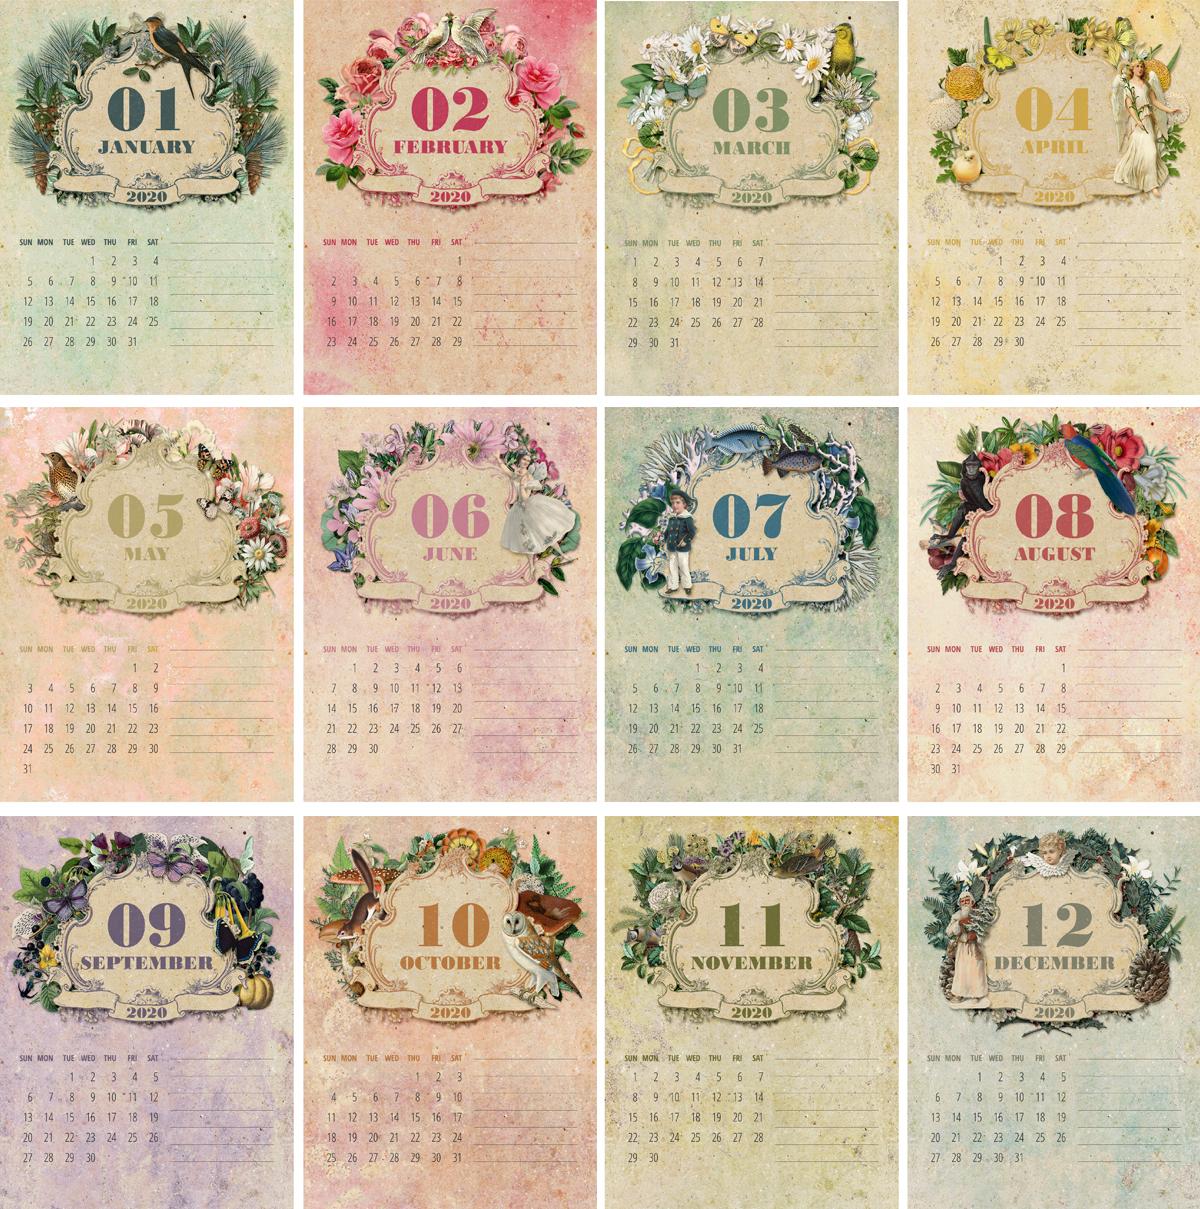 2020 CD Calendar Composite